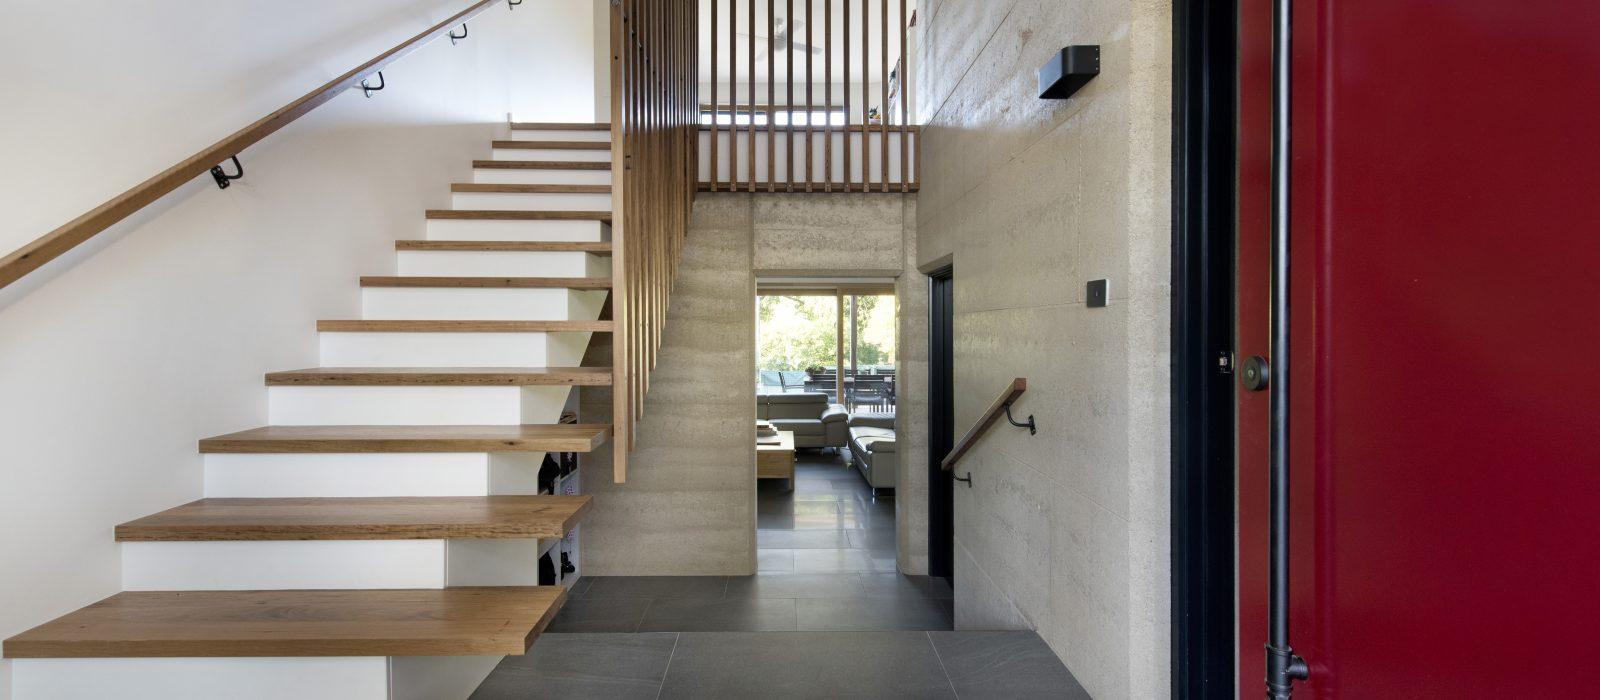 Living Rooms Week 2: WARAMANGA HOUSE ARCHITECTURE REPUBLIC